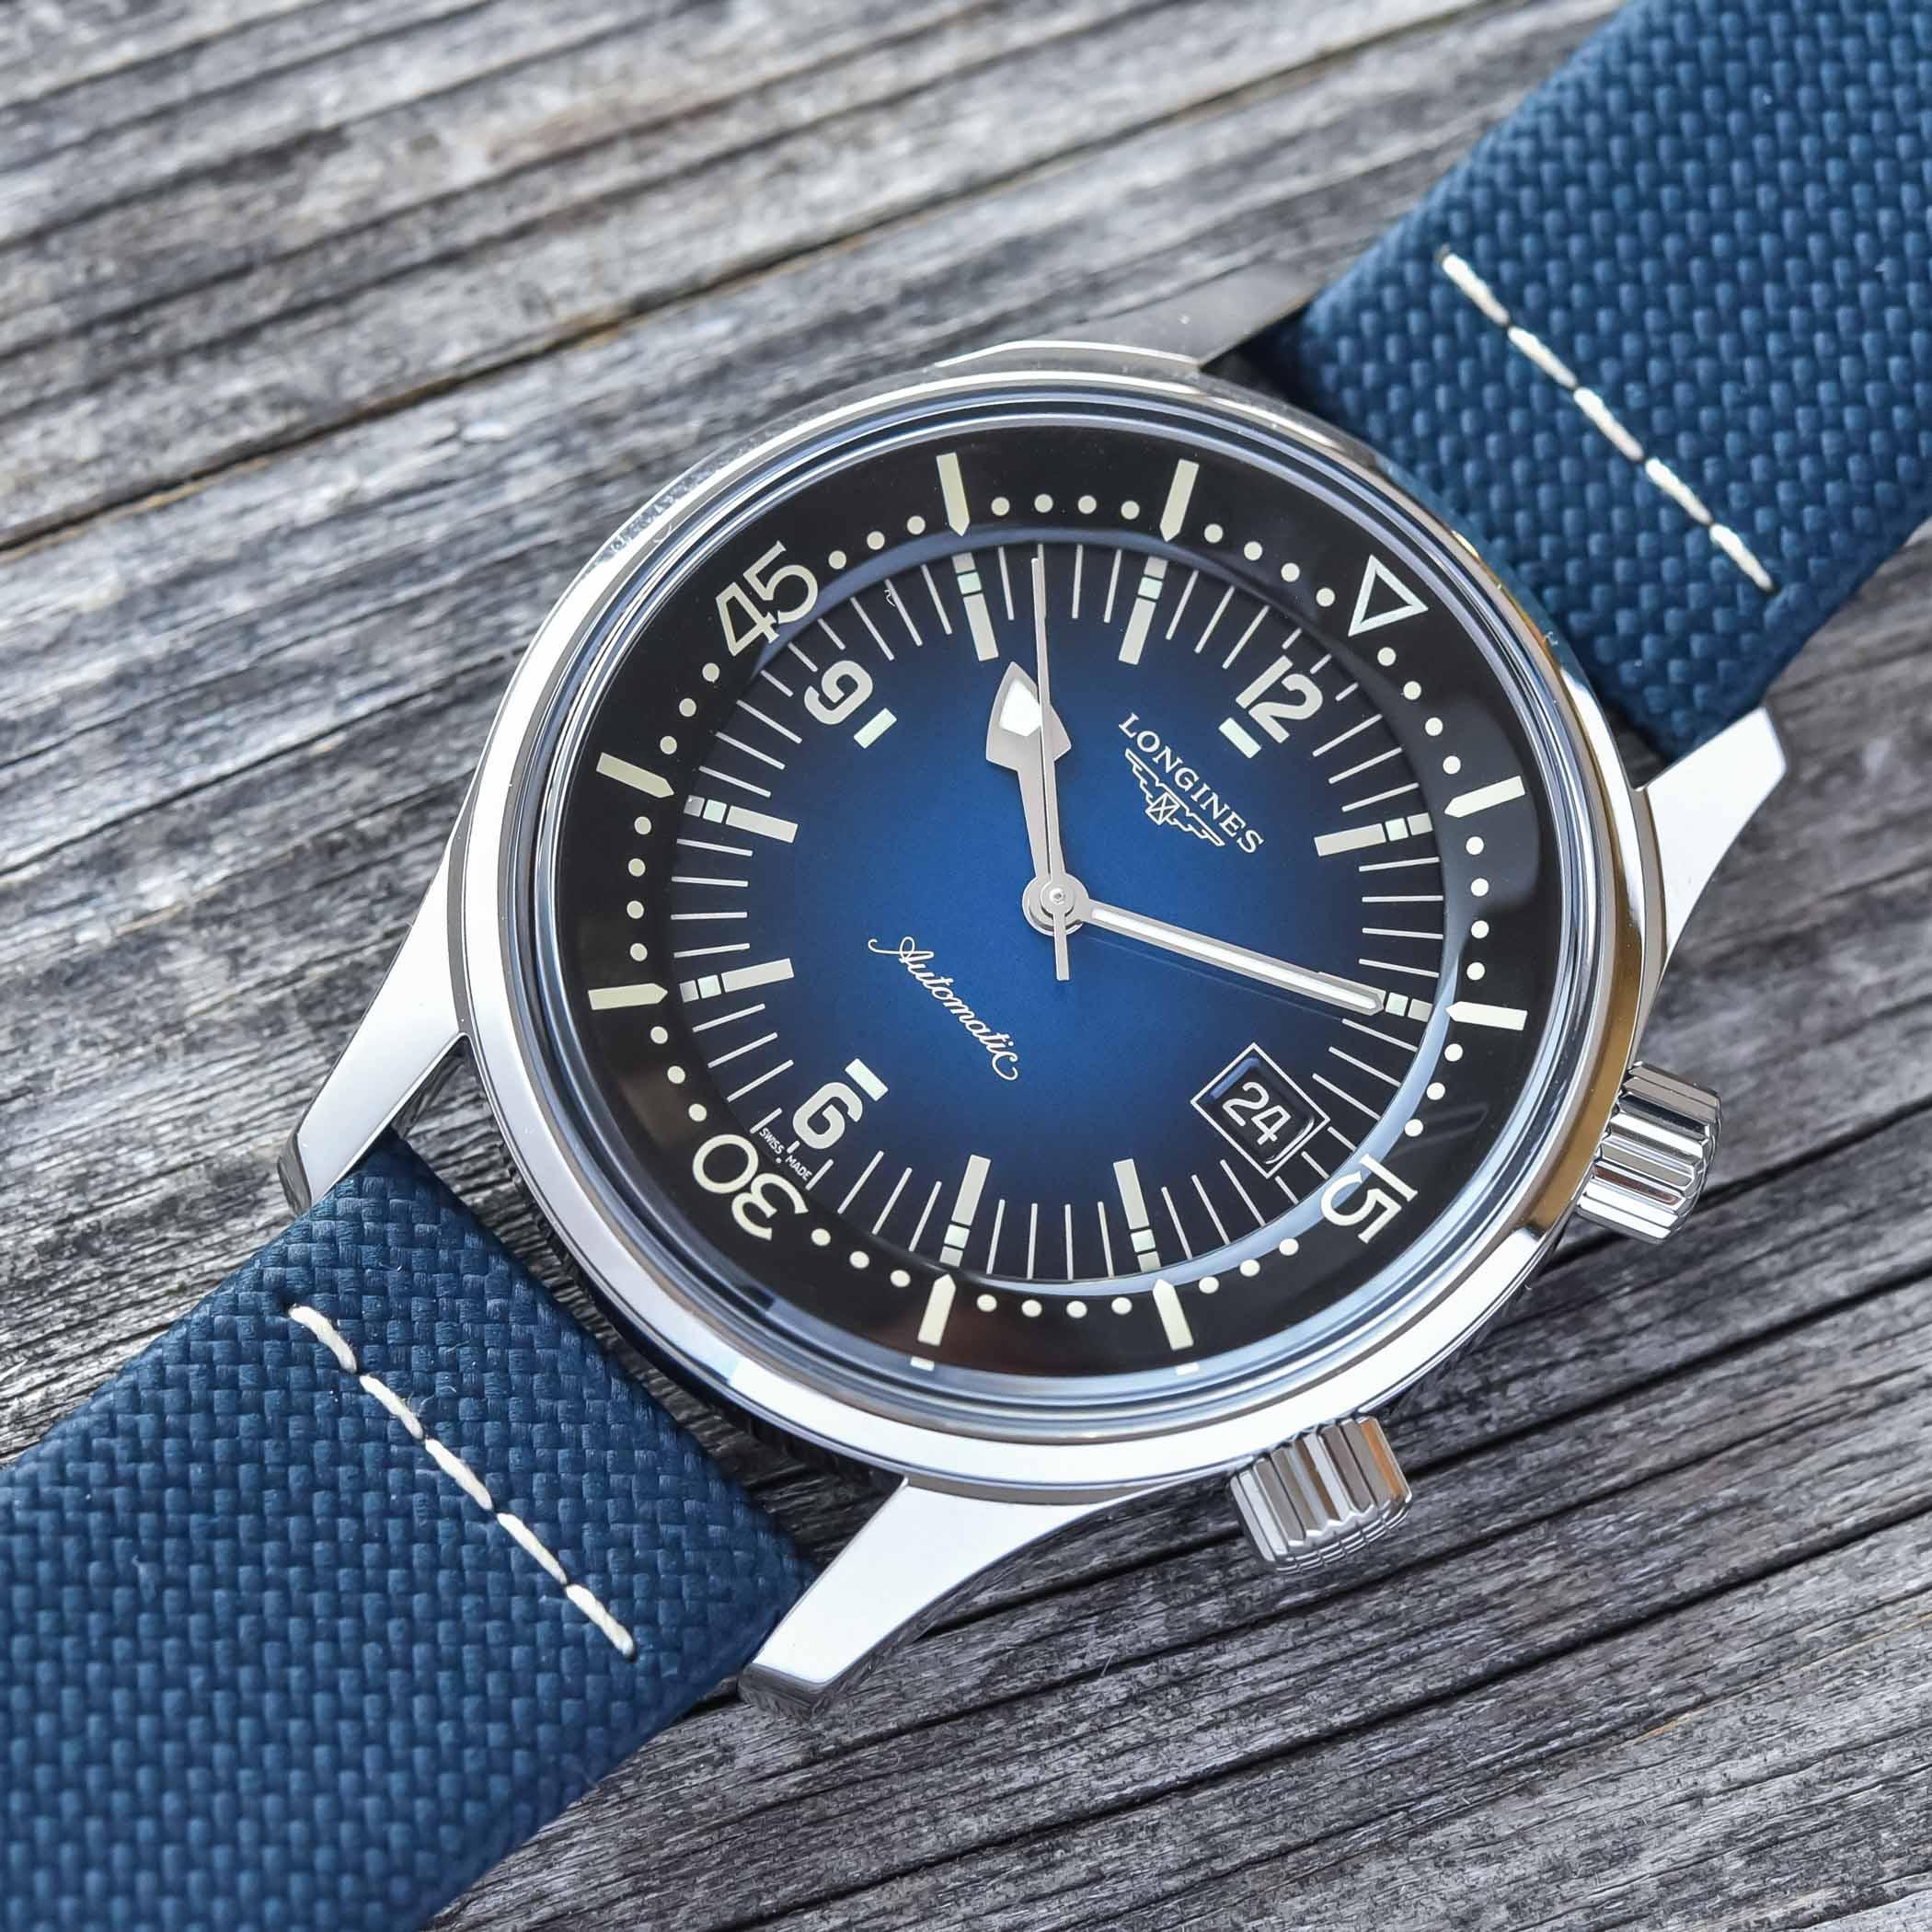 2021 Longines Legend Diver Gradient Blue L3.774.4.90.2 - review - 1